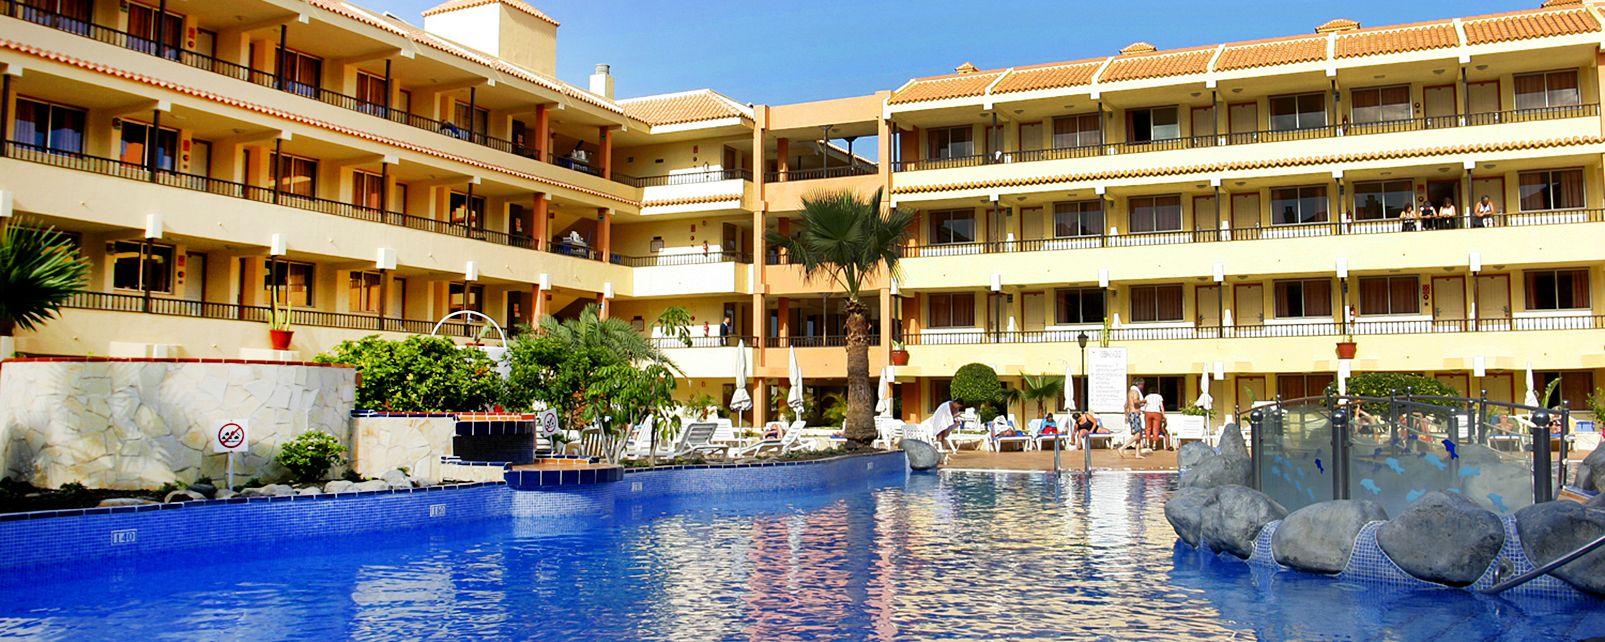 Hotel Hovima Jardin Caleta